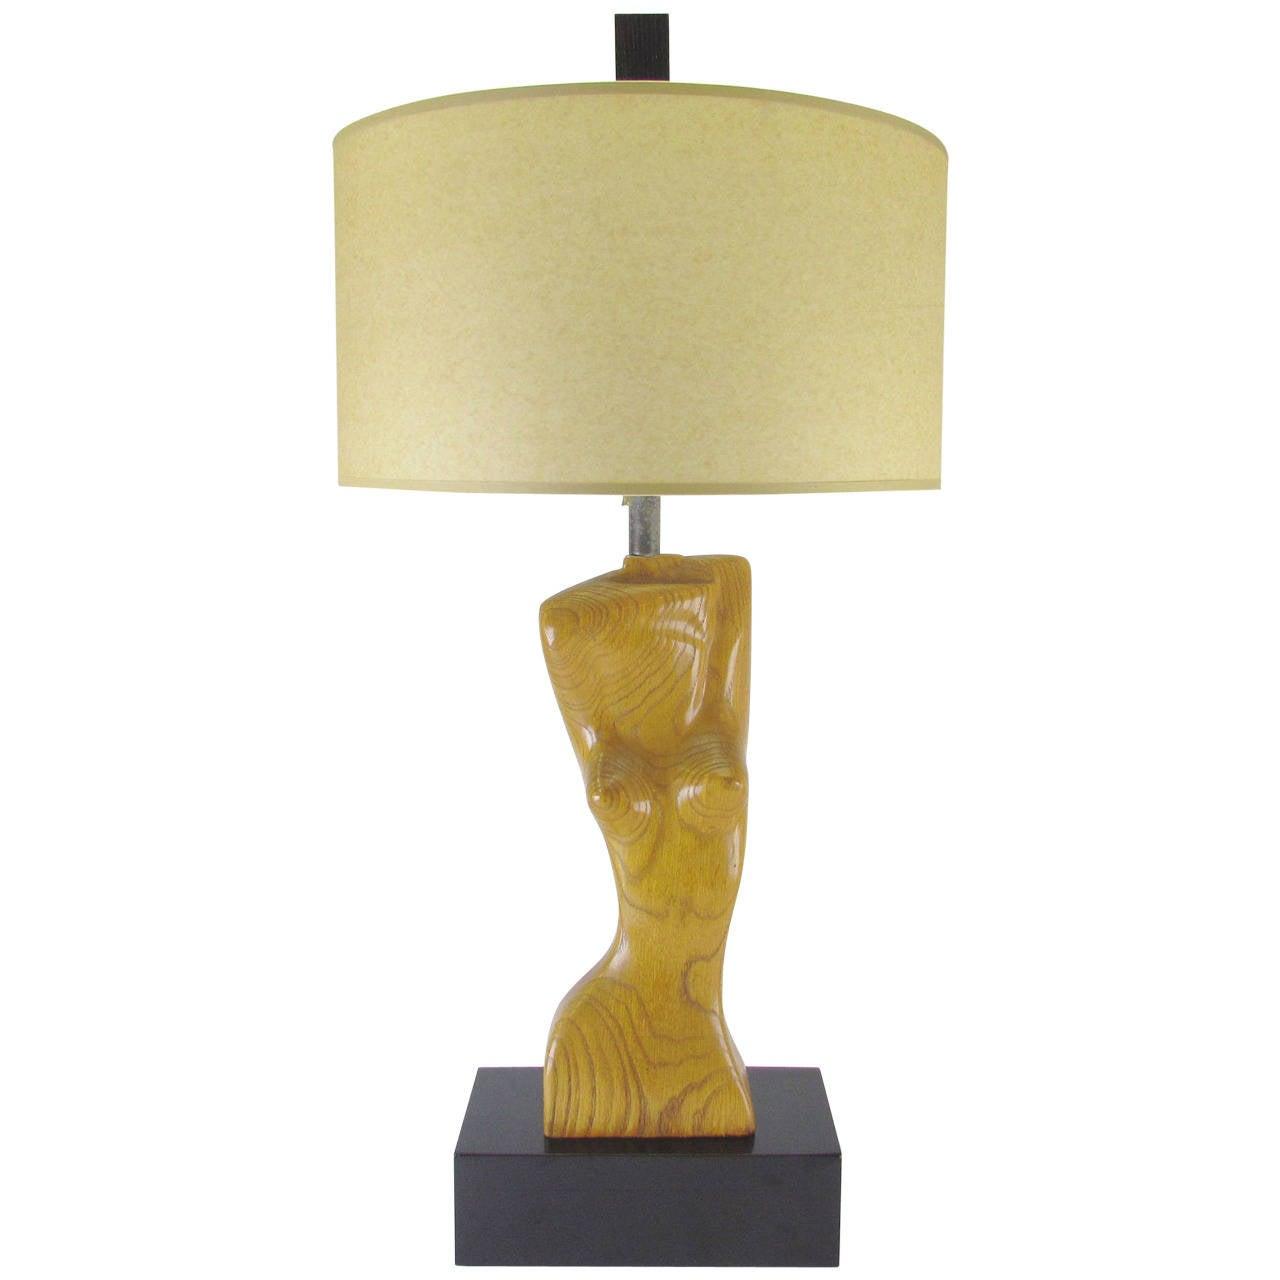 Sculptural Carved Torso Table Lamp in Carved Oak by Yasha Heifetz